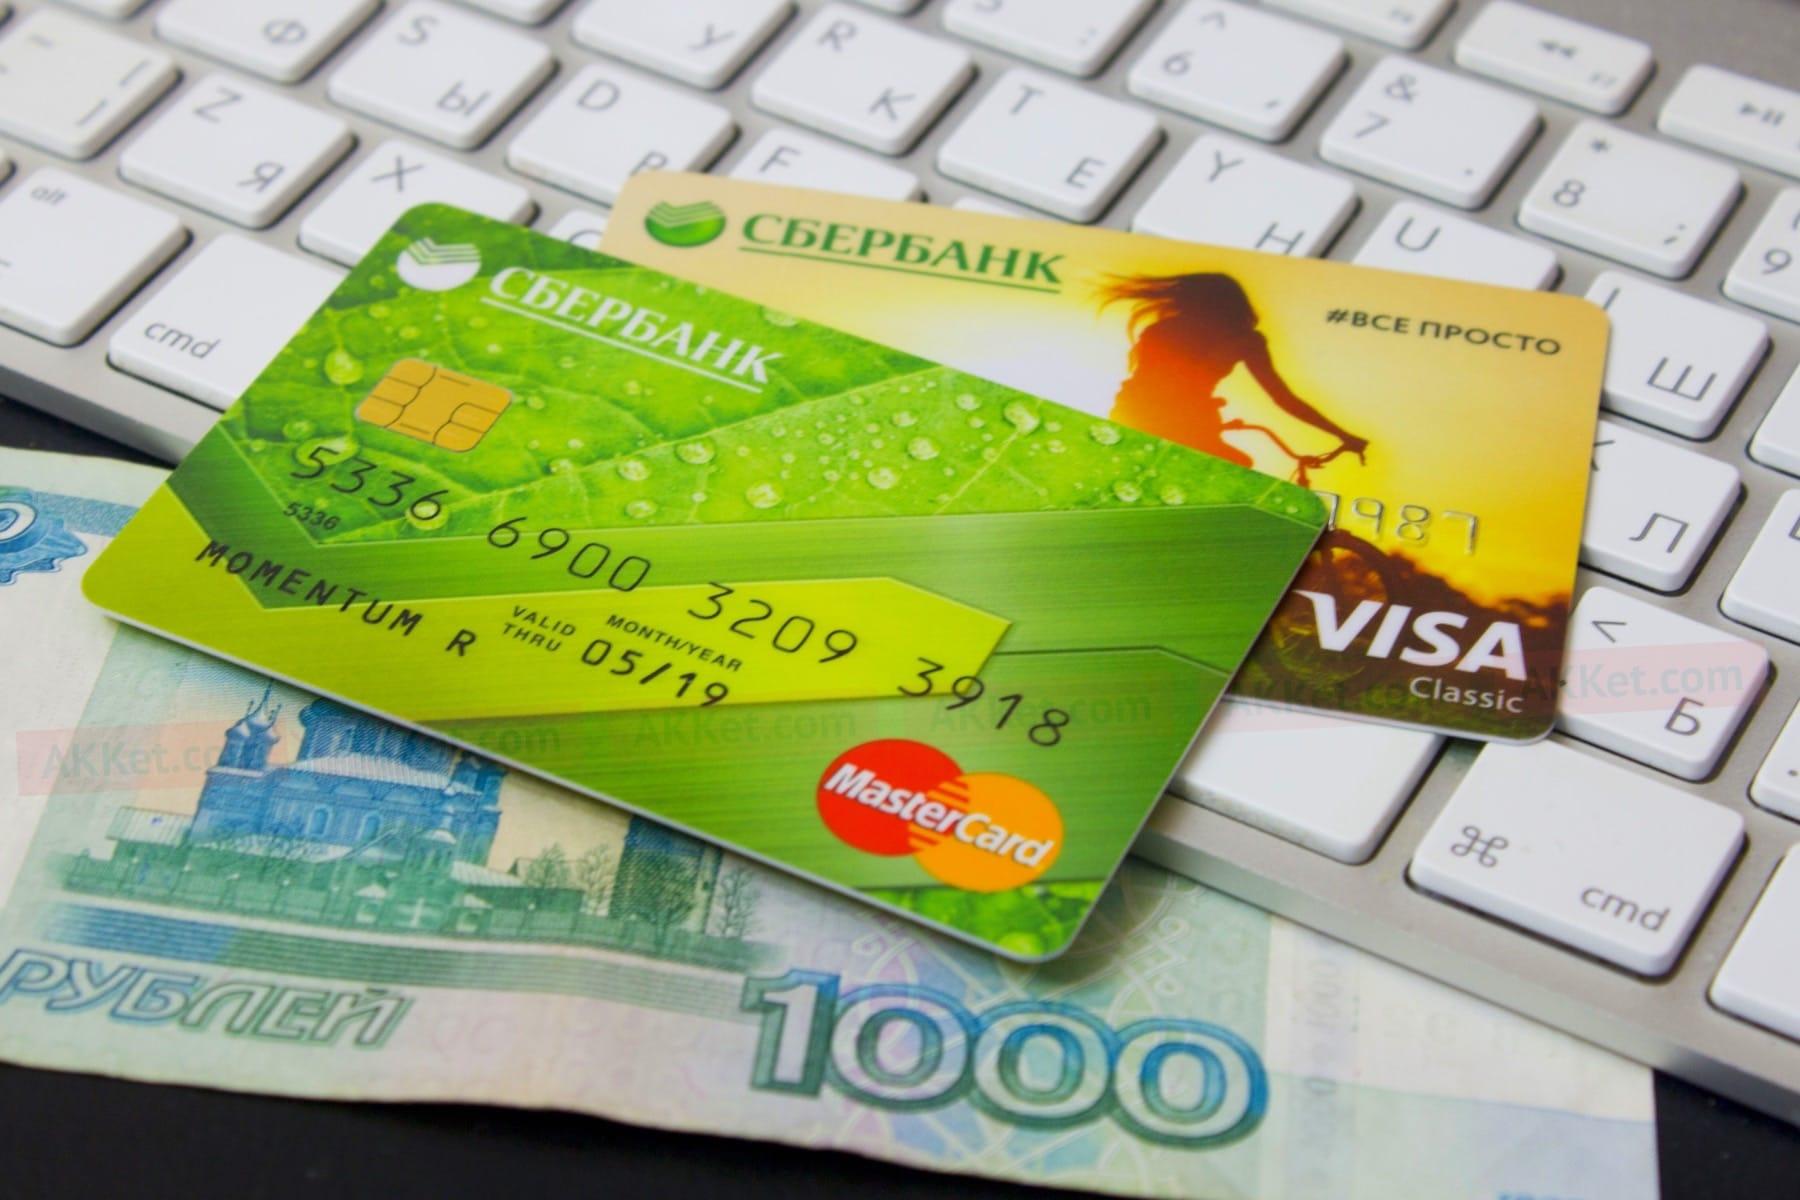 Сберегательный банк запустил обмен бонусов «Спасибо» нарубли— ЭкспертРУ